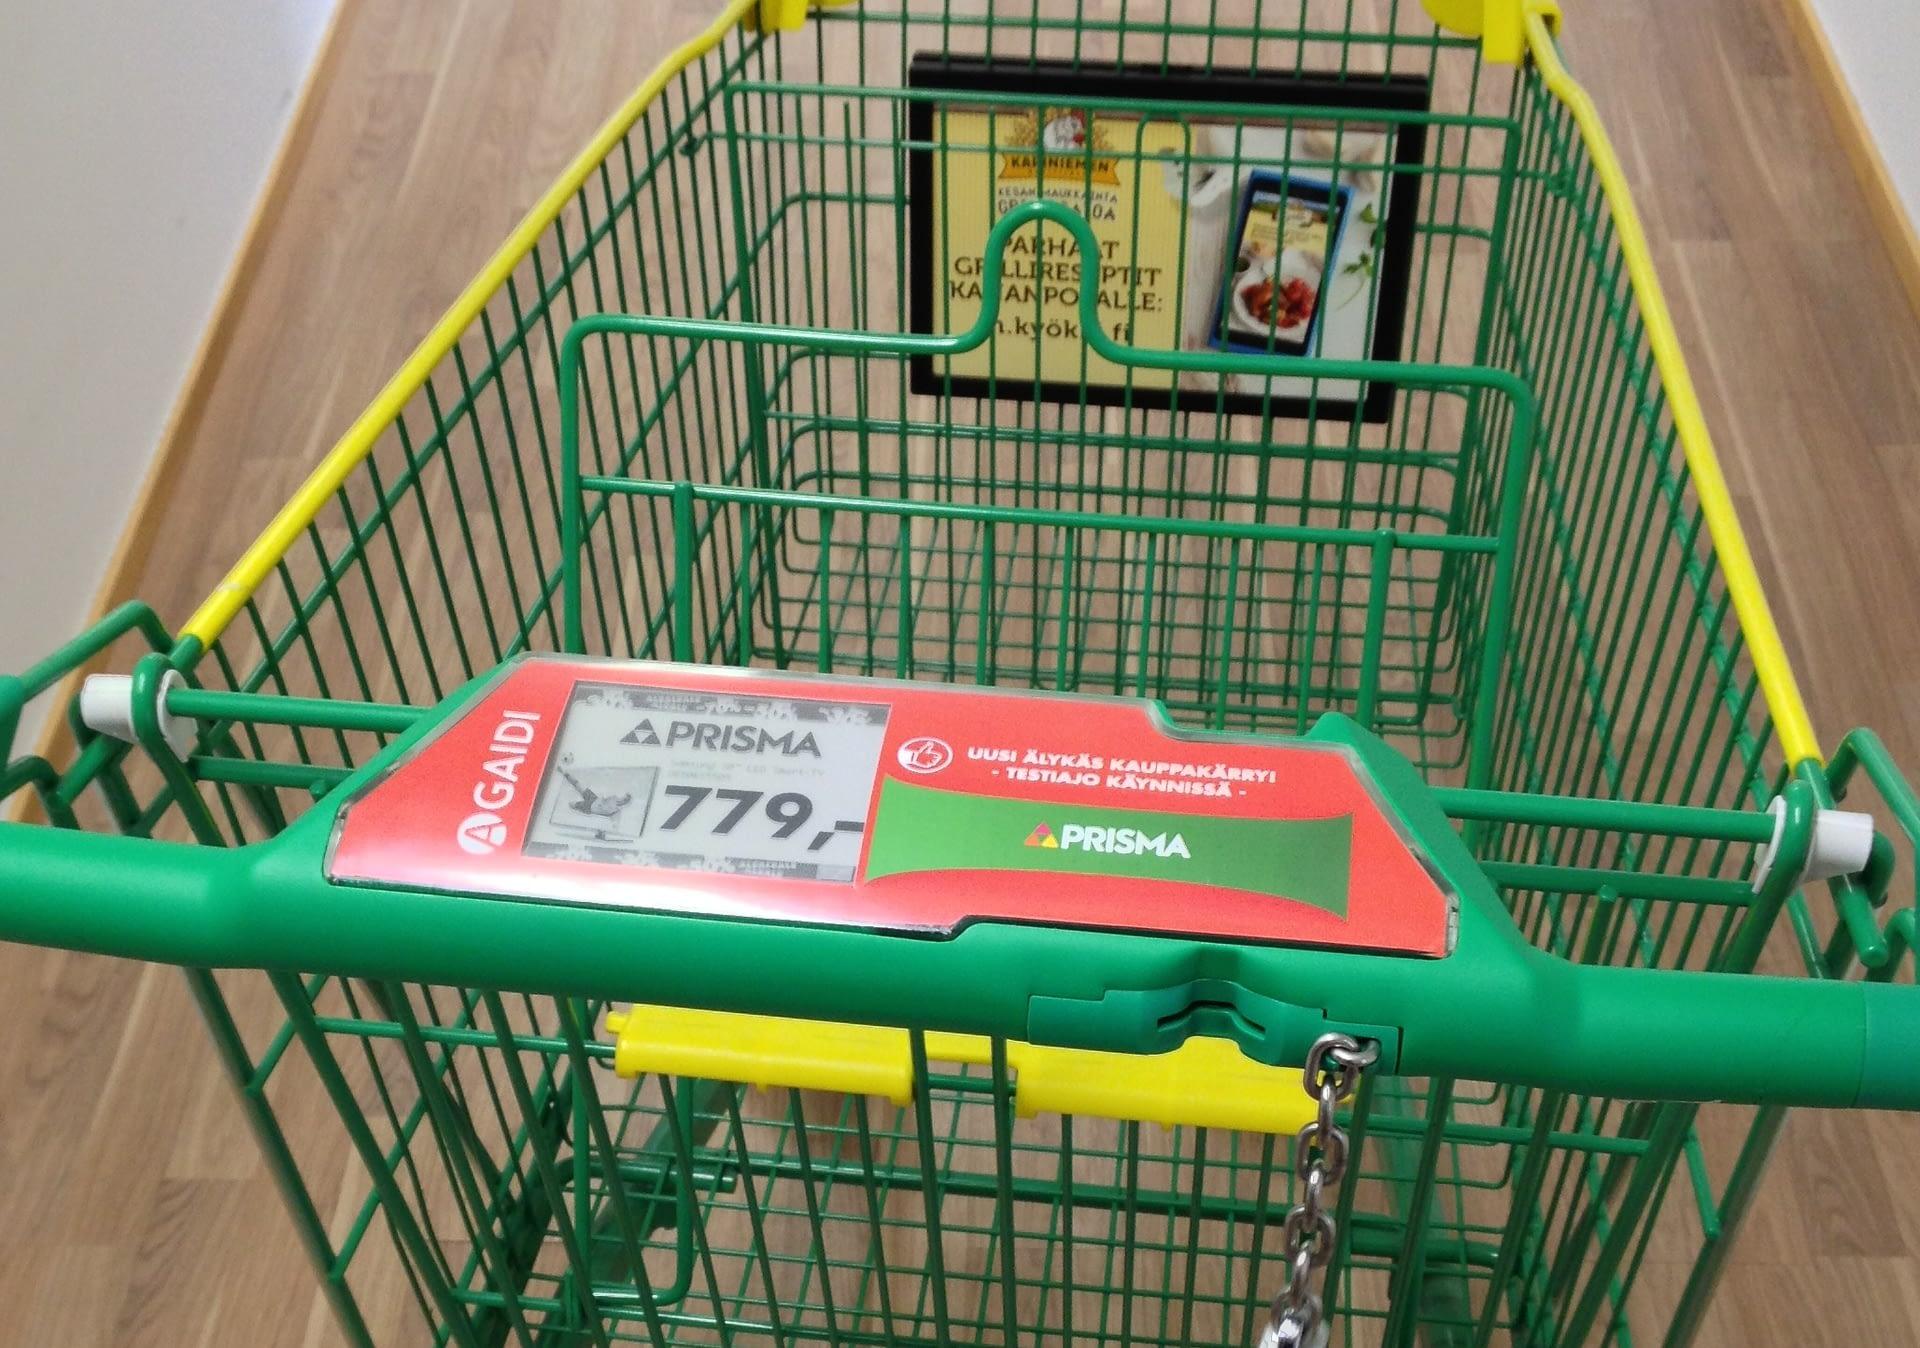 agaidi_shopping-trolley.jpg